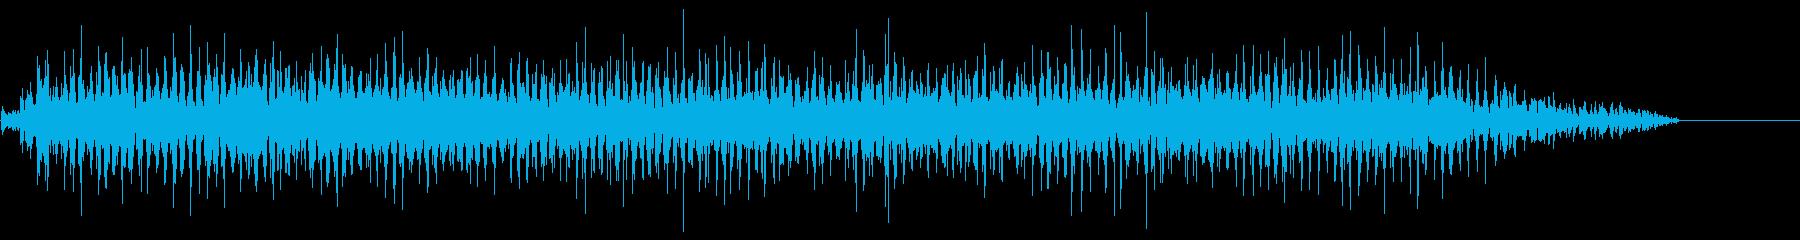 クリスマスそりのベルが鳴る(高速)の再生済みの波形